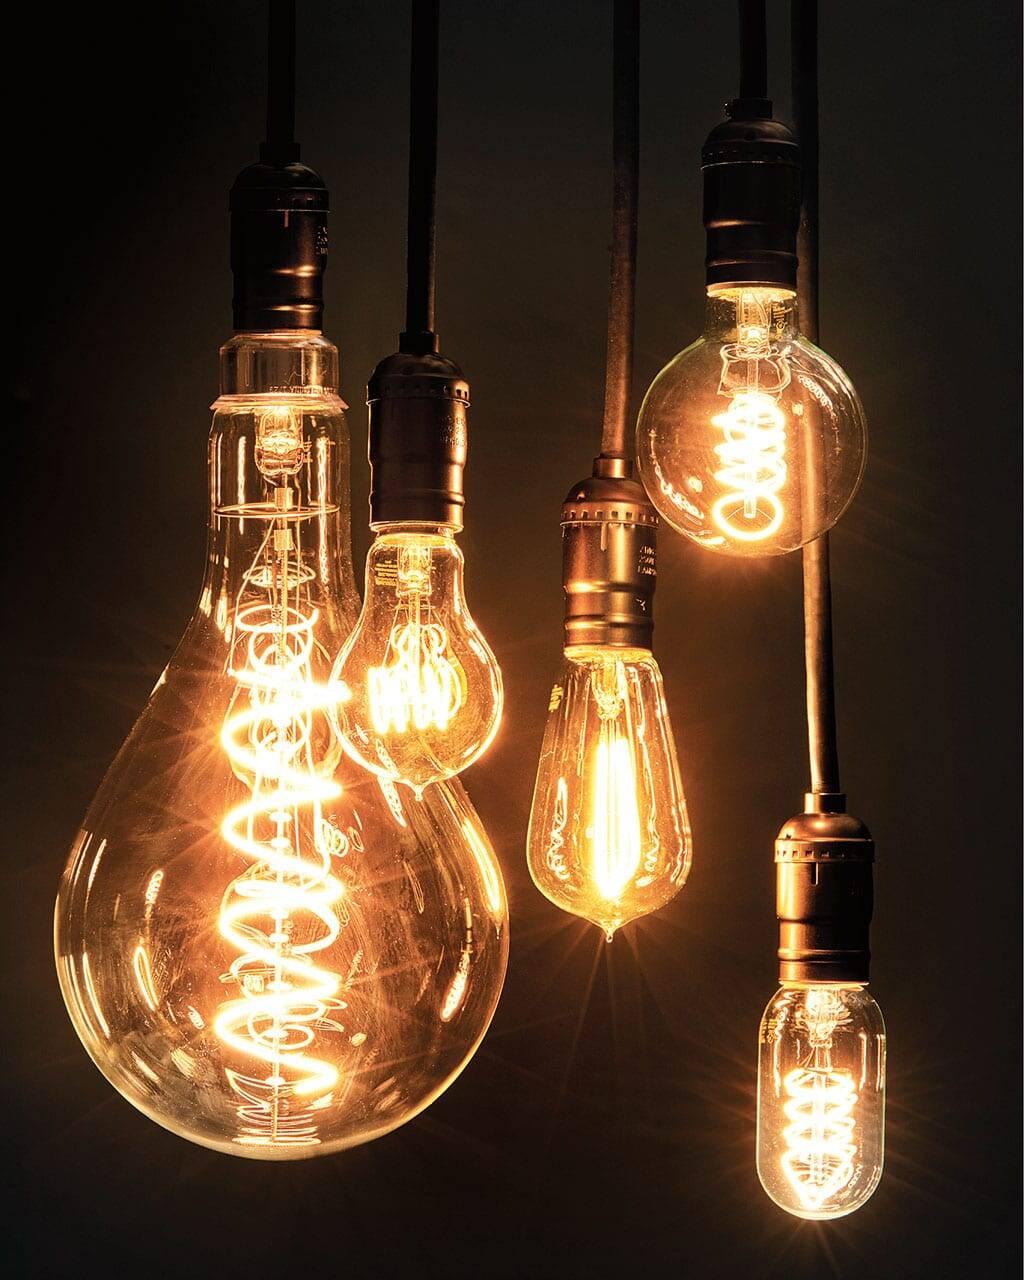 木林森:重点锁定MiniLED/植物照明/UVC/空气净化四大领域